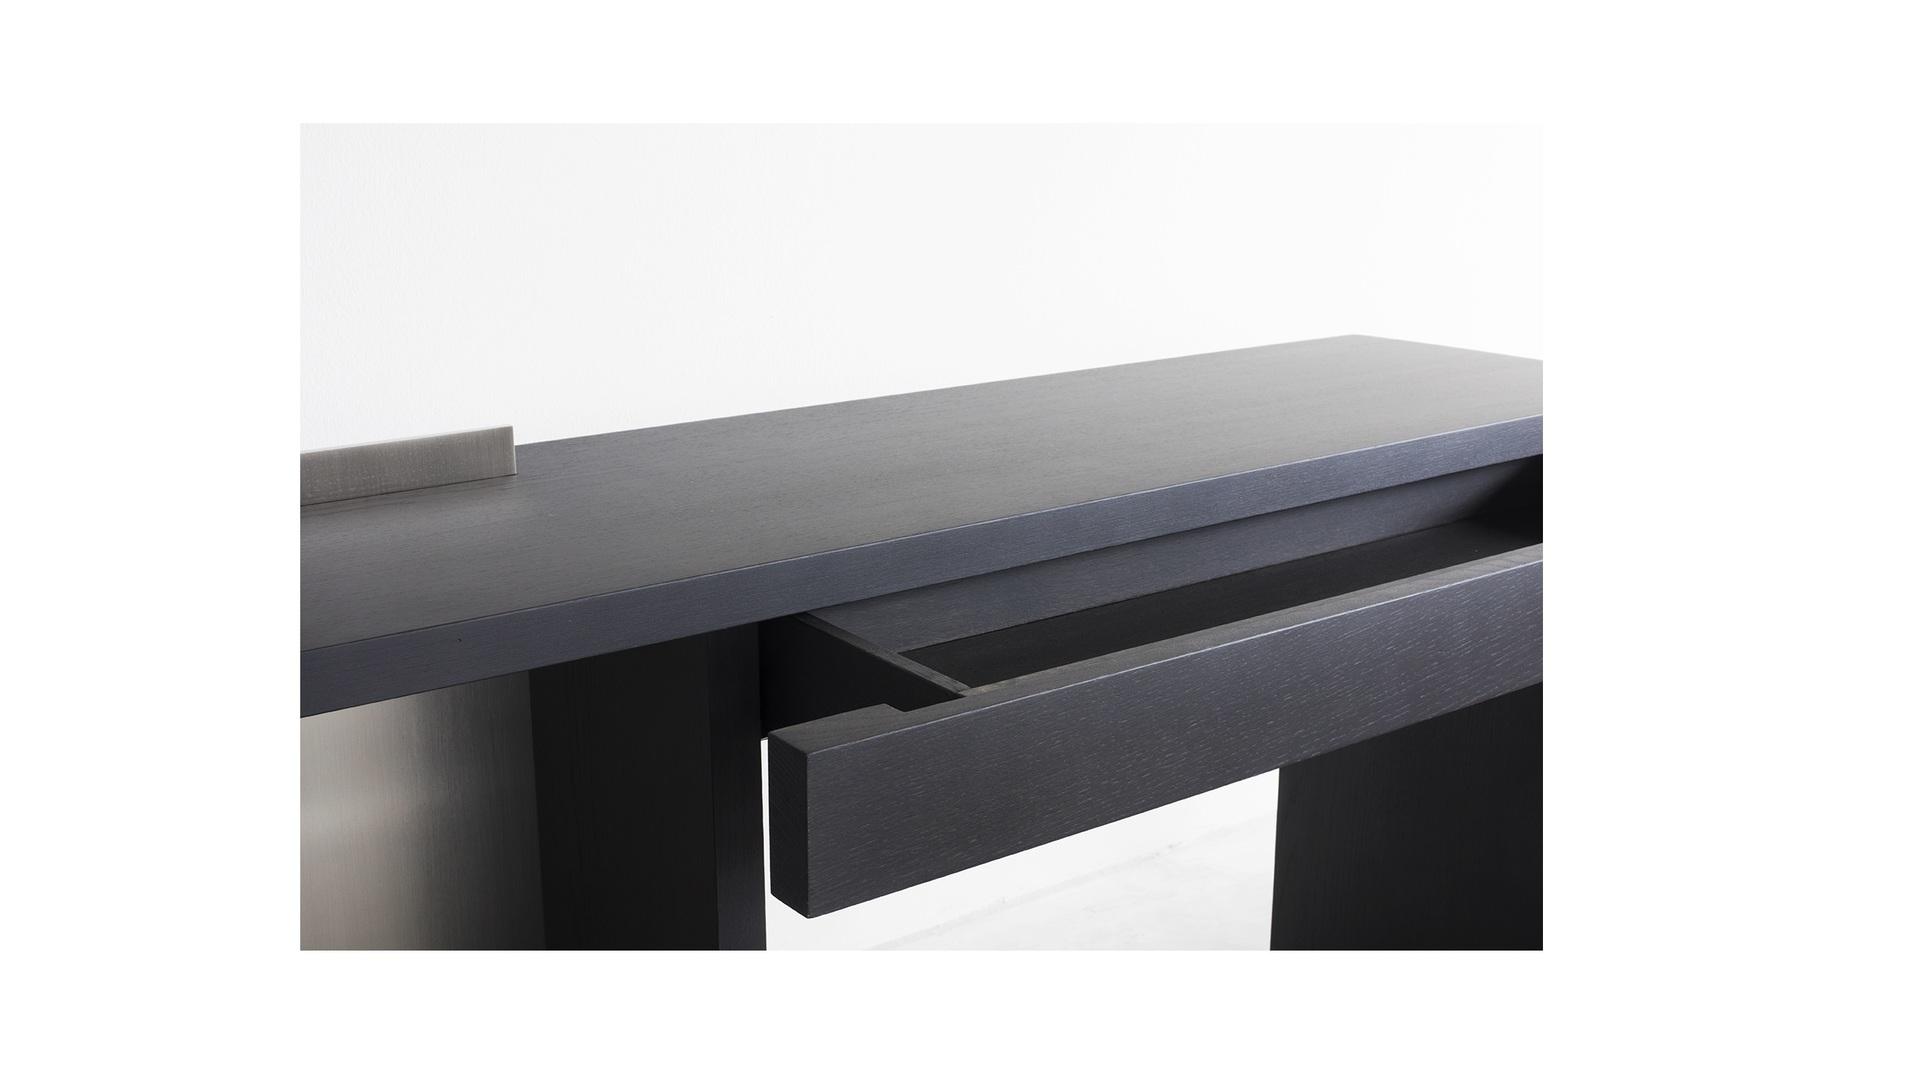 Stijl console with nickel (2) klein.jpg